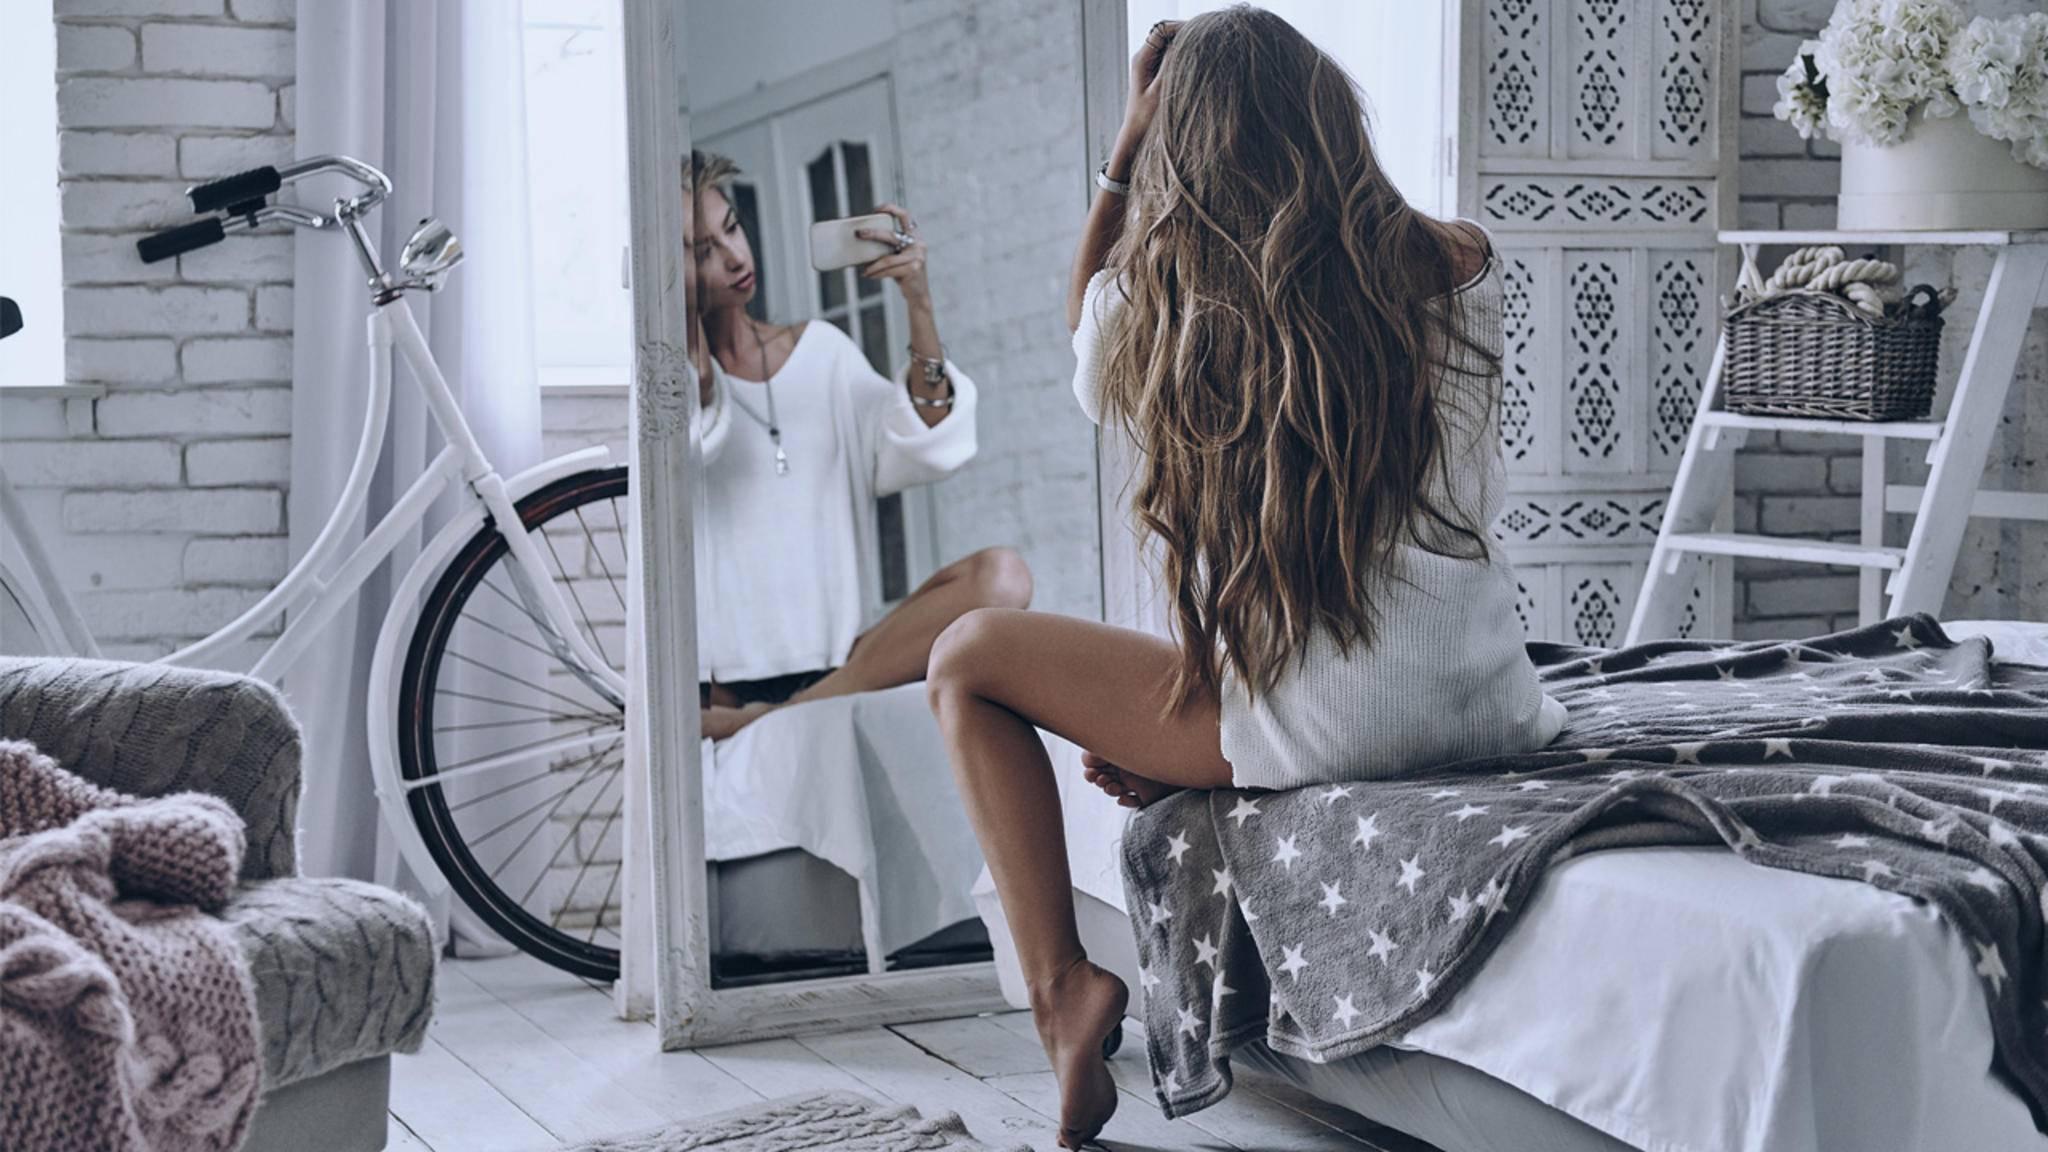 Ein Mirror-Selfie ist die perfekte Möglichkeit, sich selbst mit der Rückkamera des Smartphones zu fotografieren.